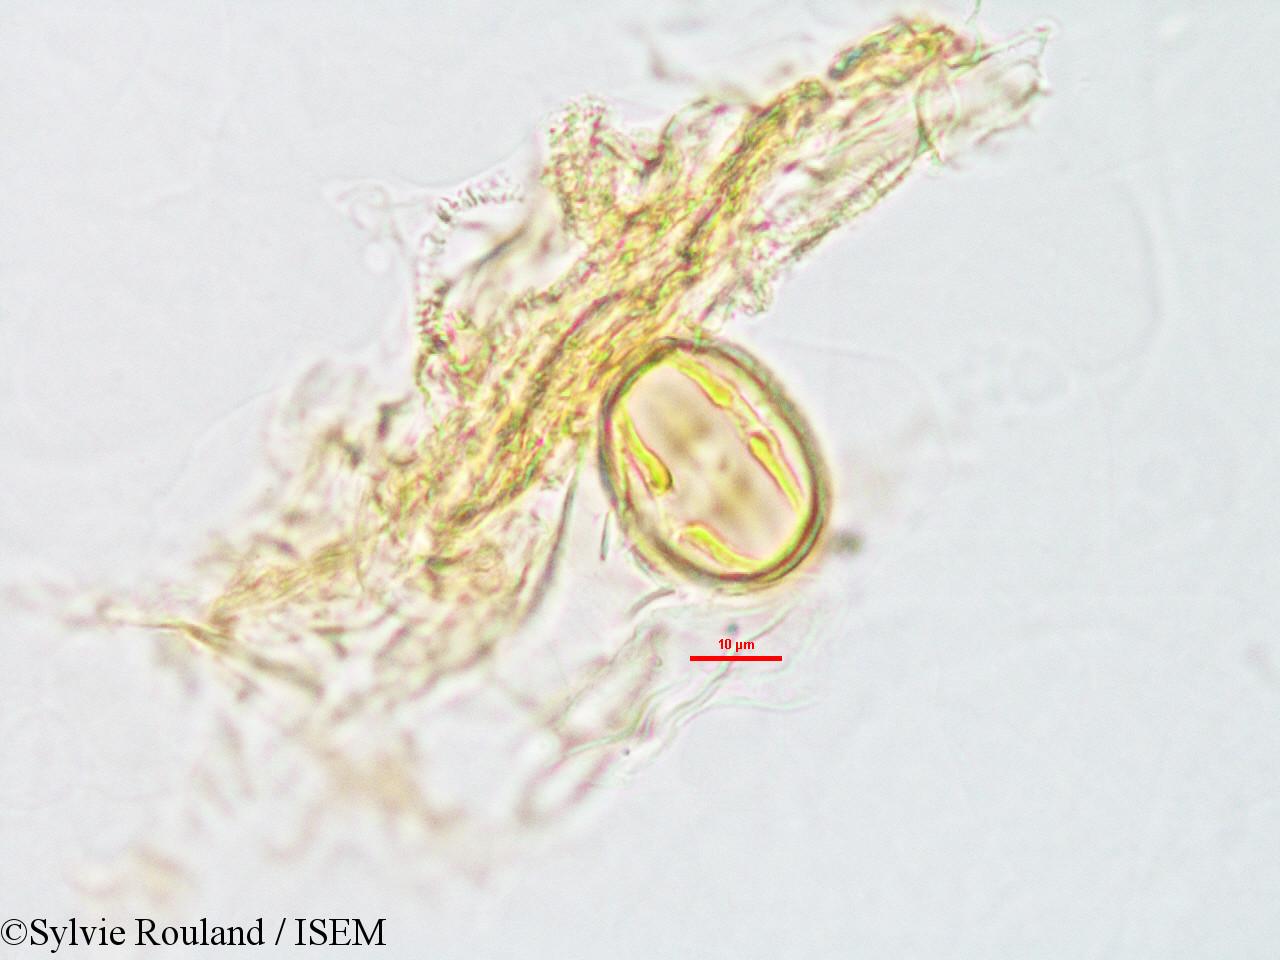 Sylvie.Rouland/Dalbergia_retusa_2829/Dalbergia_retusa_2829_0003(copy).jpg